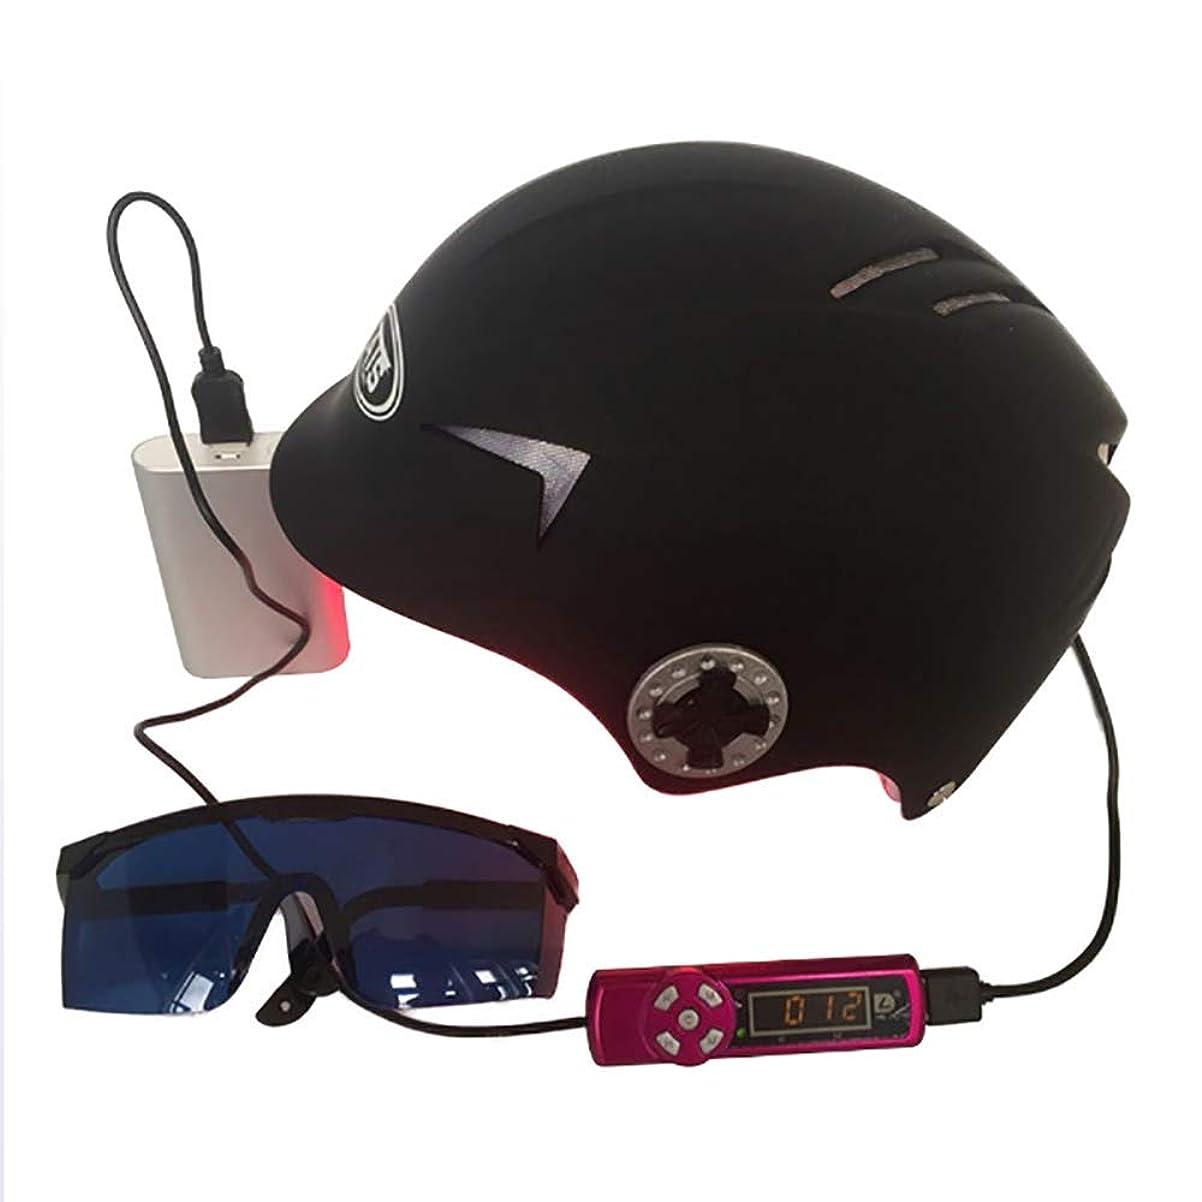 注入するドラゴンリンス育毛ヘルメット急成長脱毛ソリューション男性と女性のダイオード治療ヘア帽子